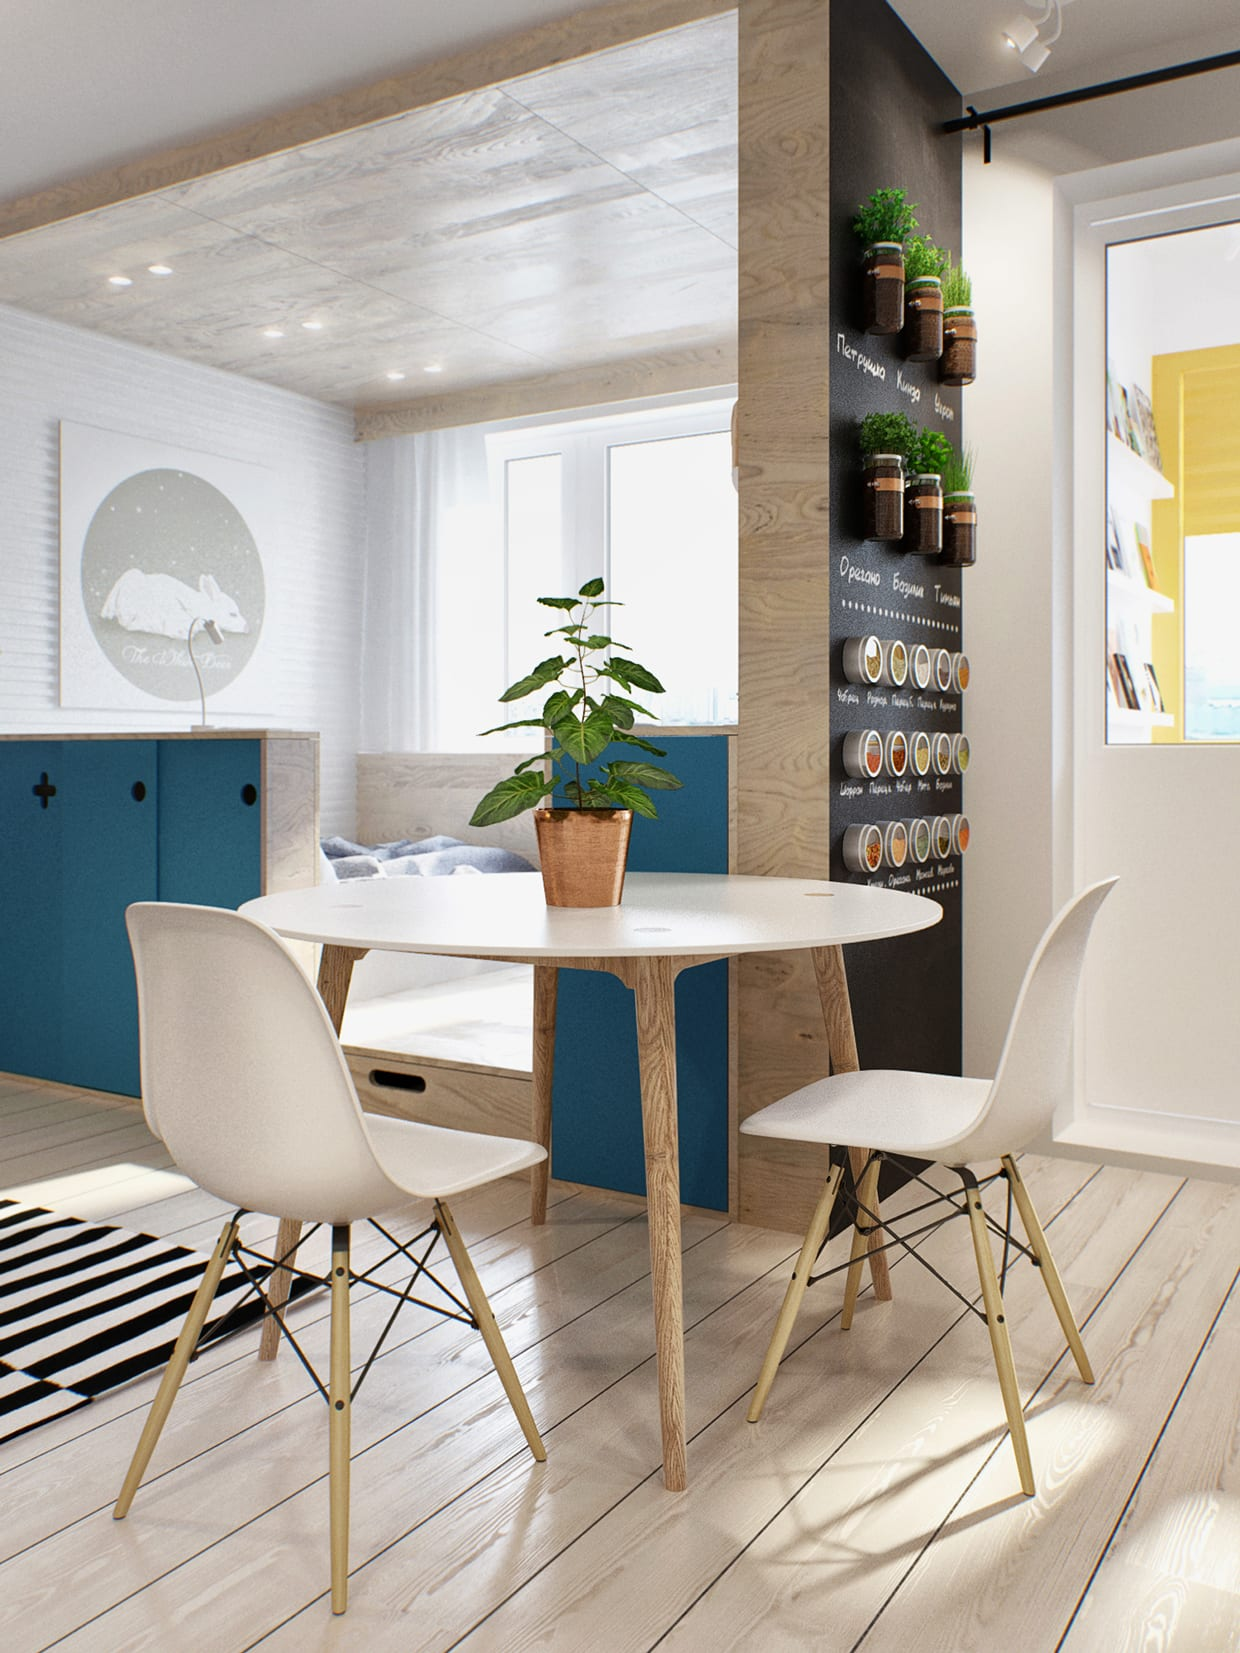 wohnung einrichten geometrische asthetik funktionell, kleine wohnung modern und funktionell einrichten - freshouse, Design ideen